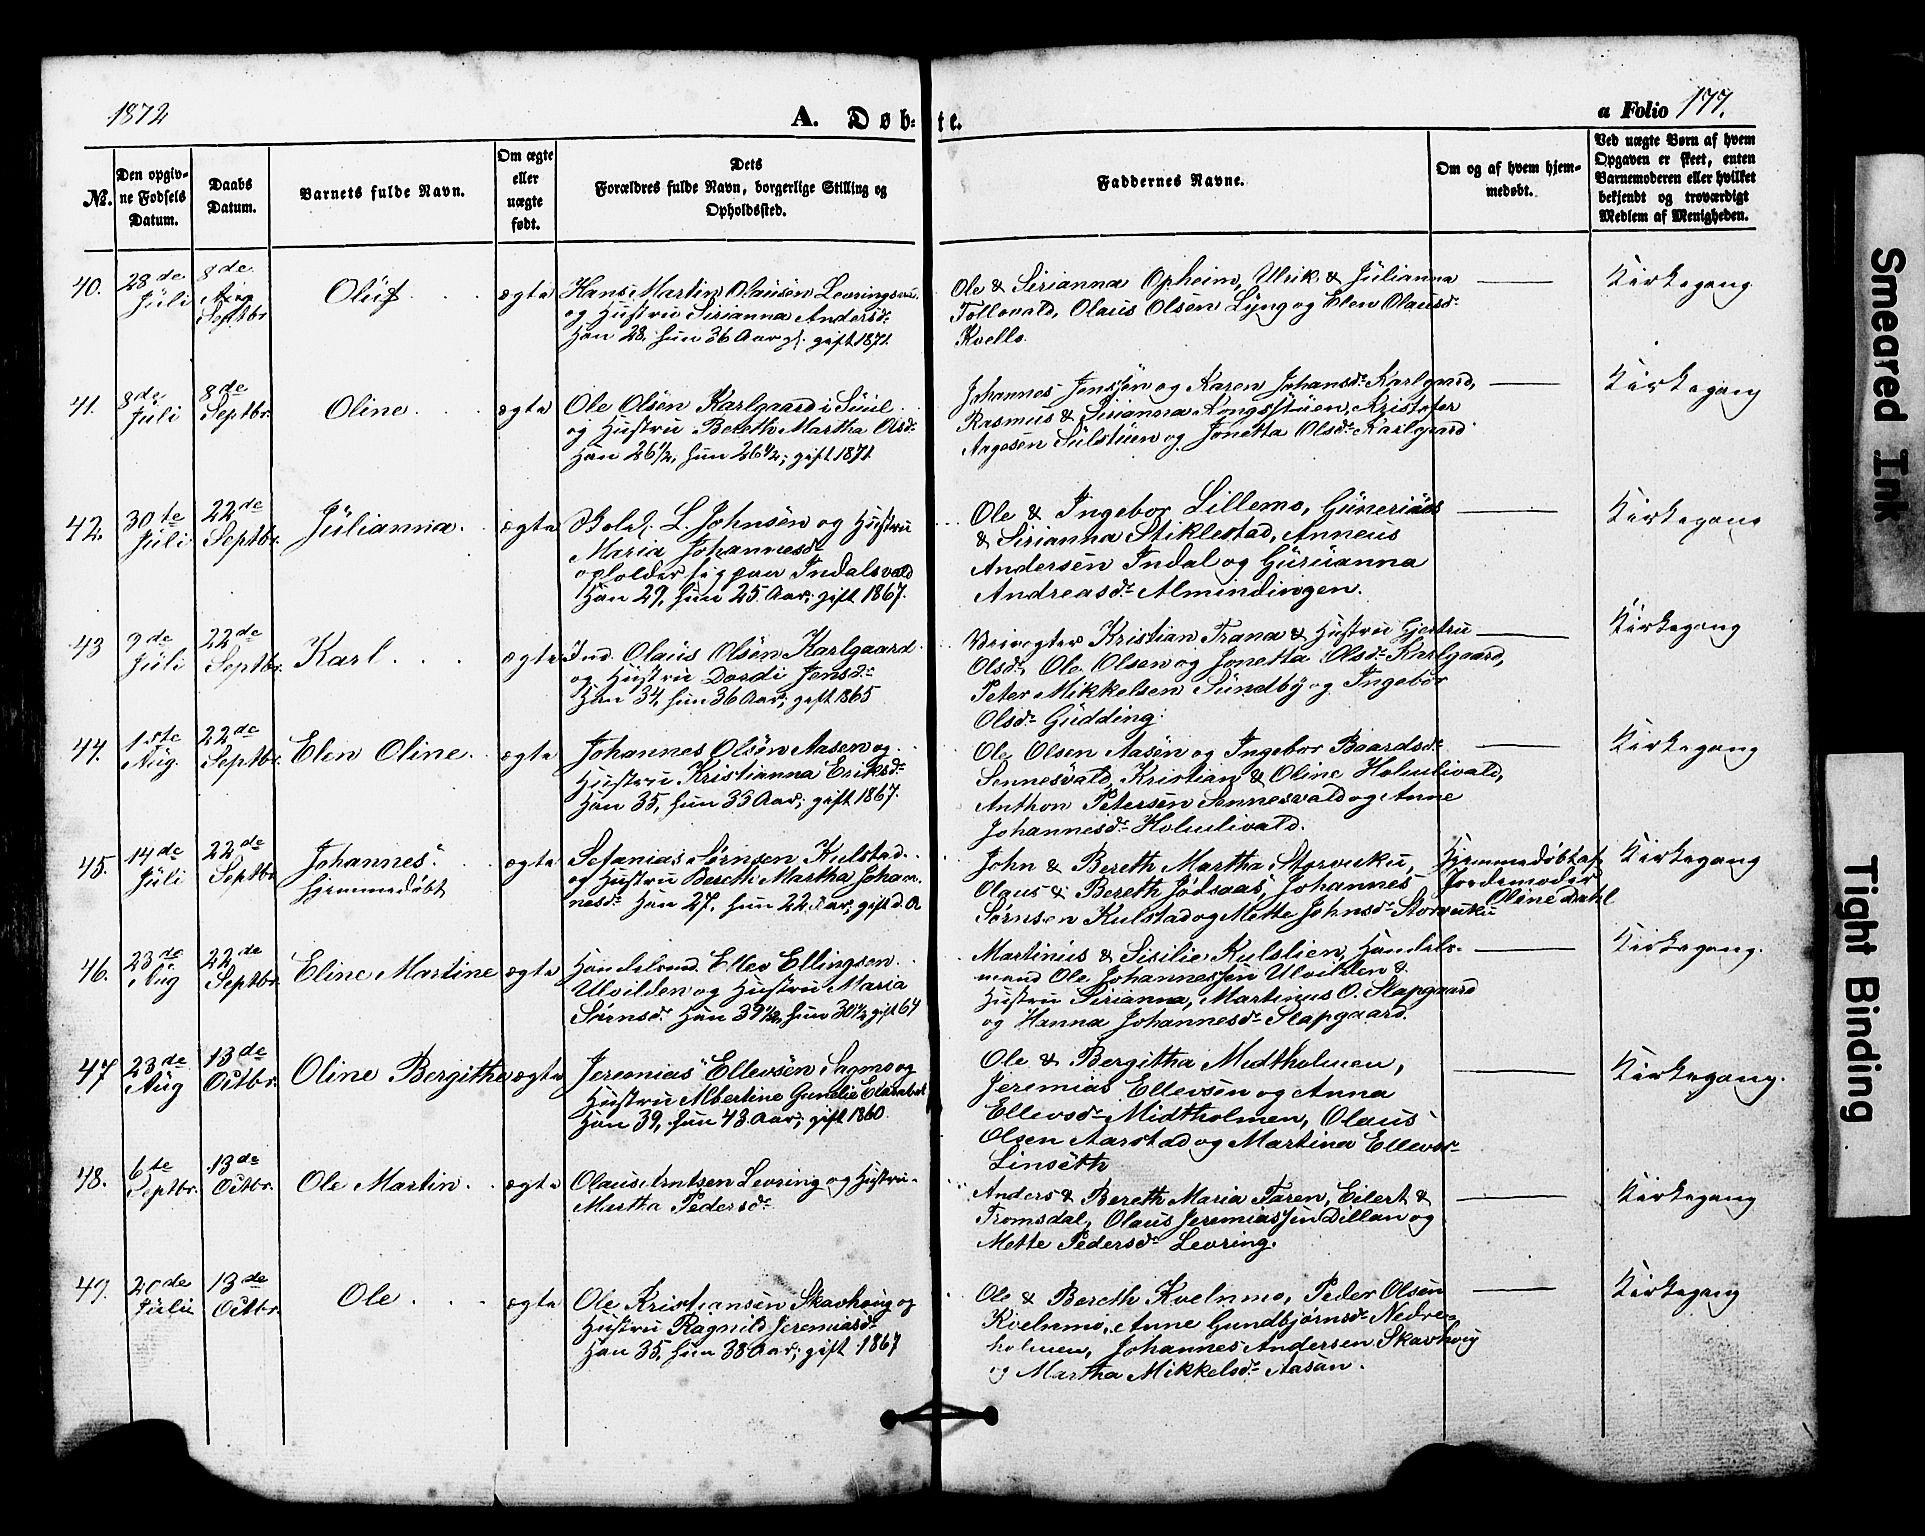 SAT, Ministerialprotokoller, klokkerbøker og fødselsregistre - Nord-Trøndelag, 724/L0268: Klokkerbok nr. 724C04, 1846-1878, s. 177